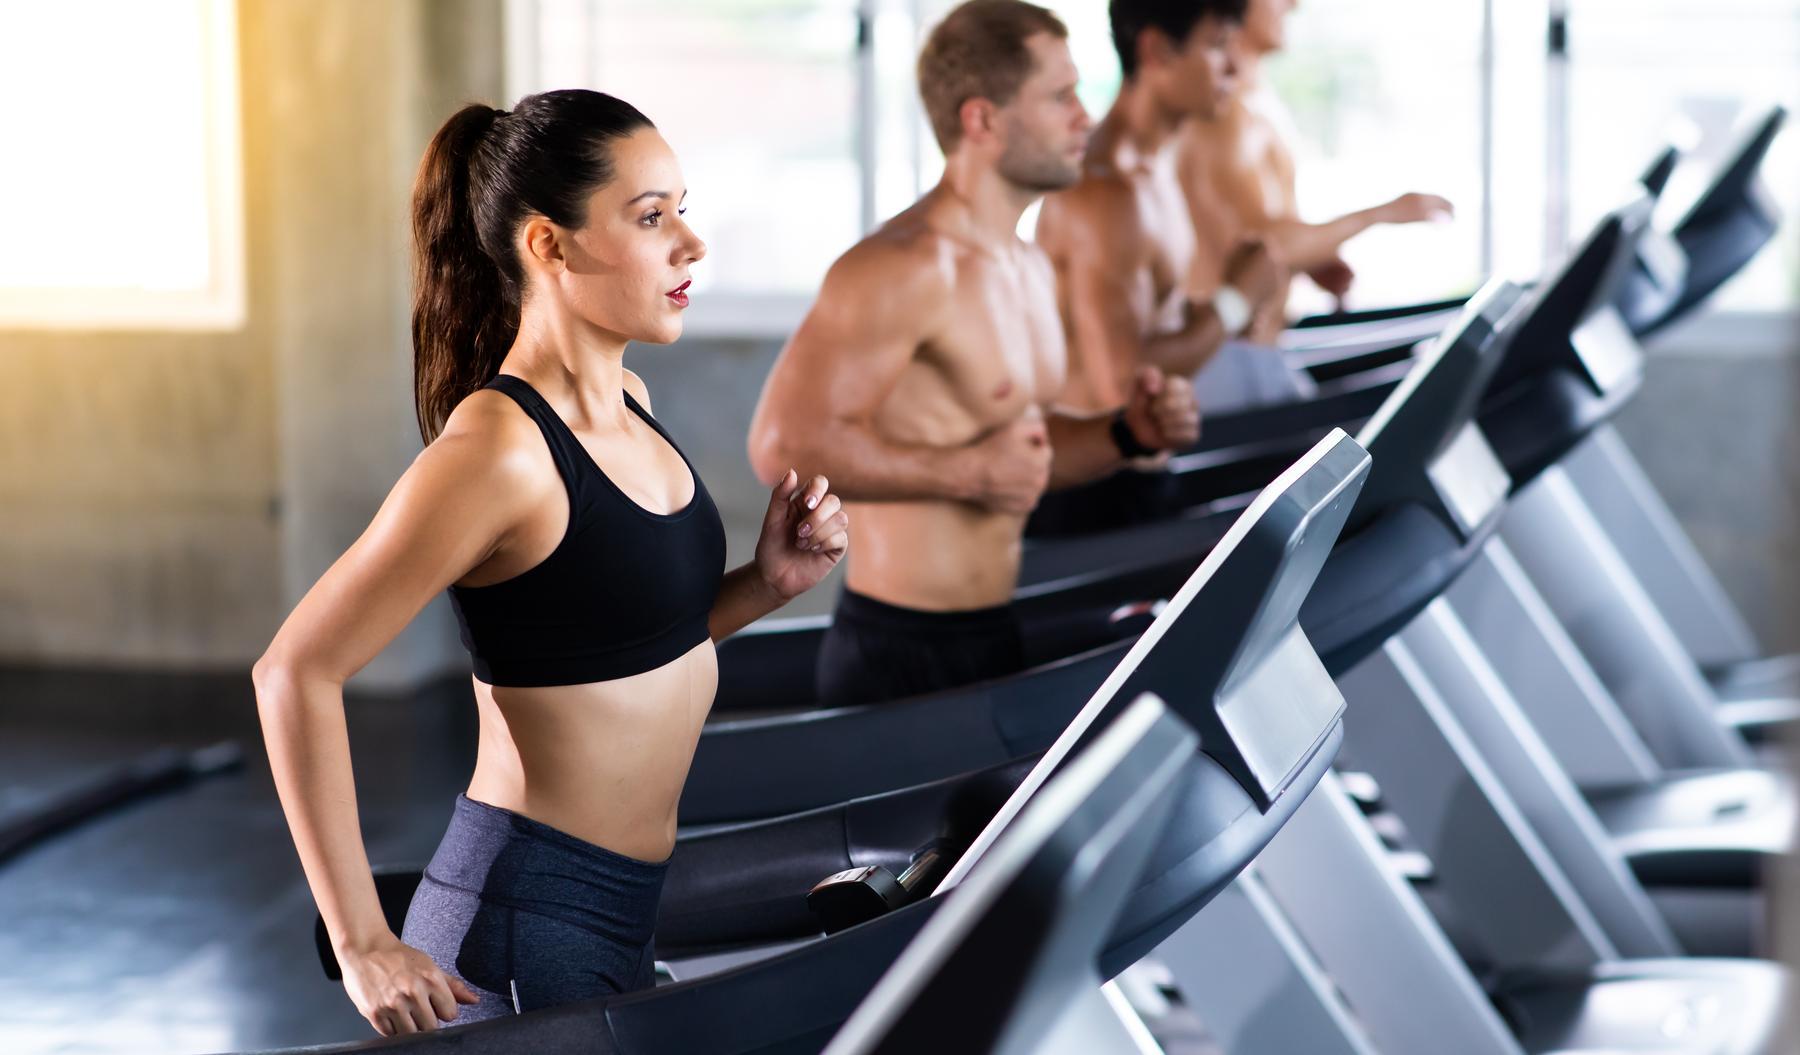 Los mejores tipos de ejercicio para bajar de peso